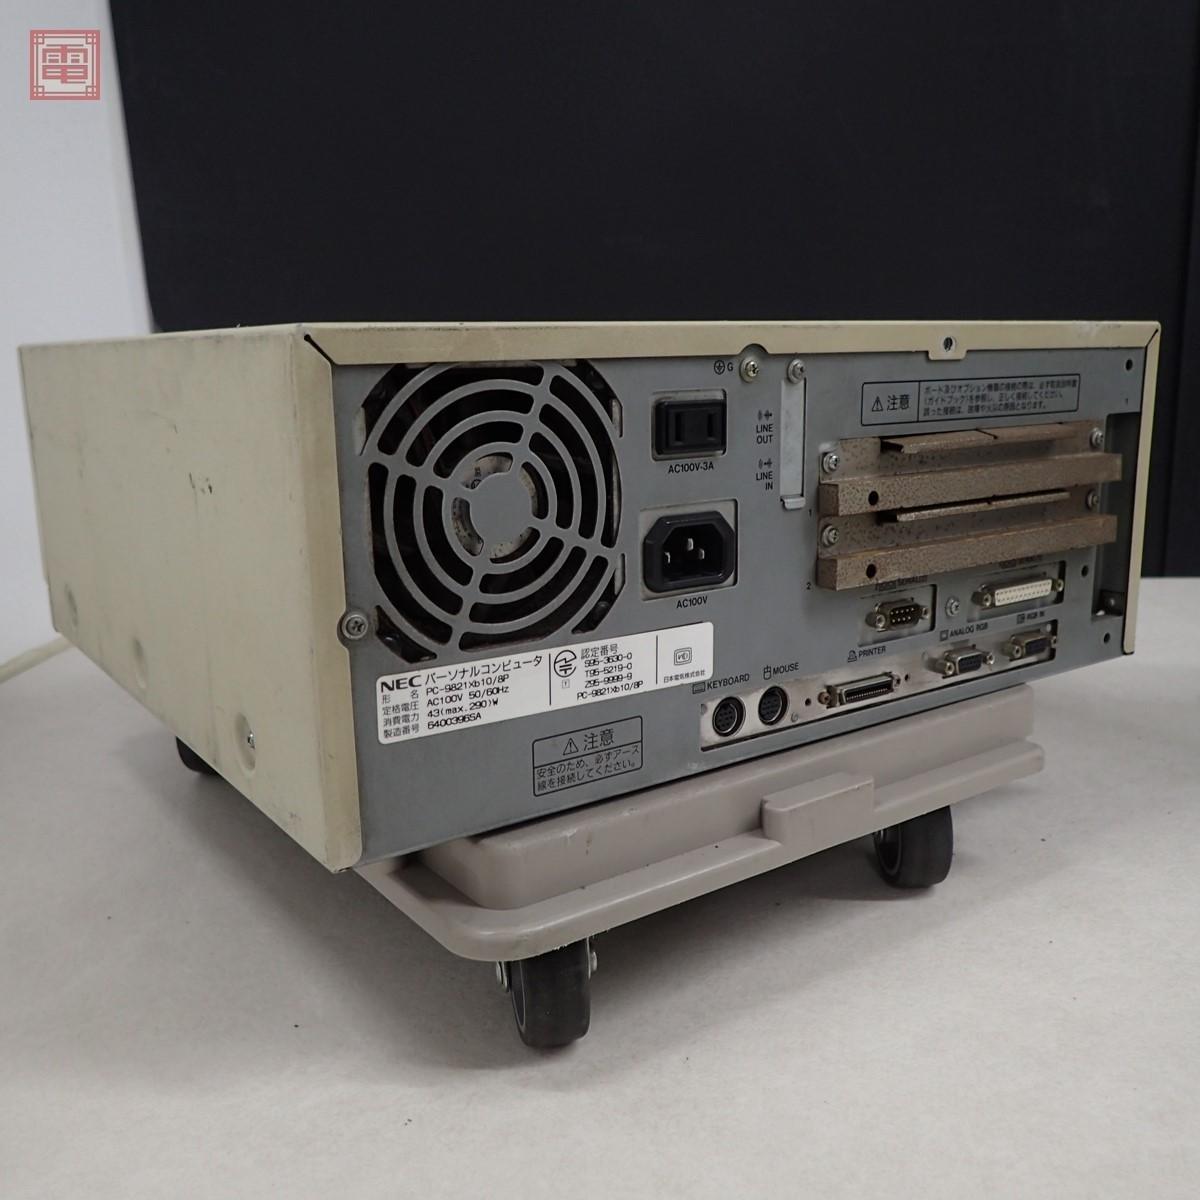 NEC PC-9821Xb10/8P 本体 日本電気 パーツ取りにどうぞ【40_画像3